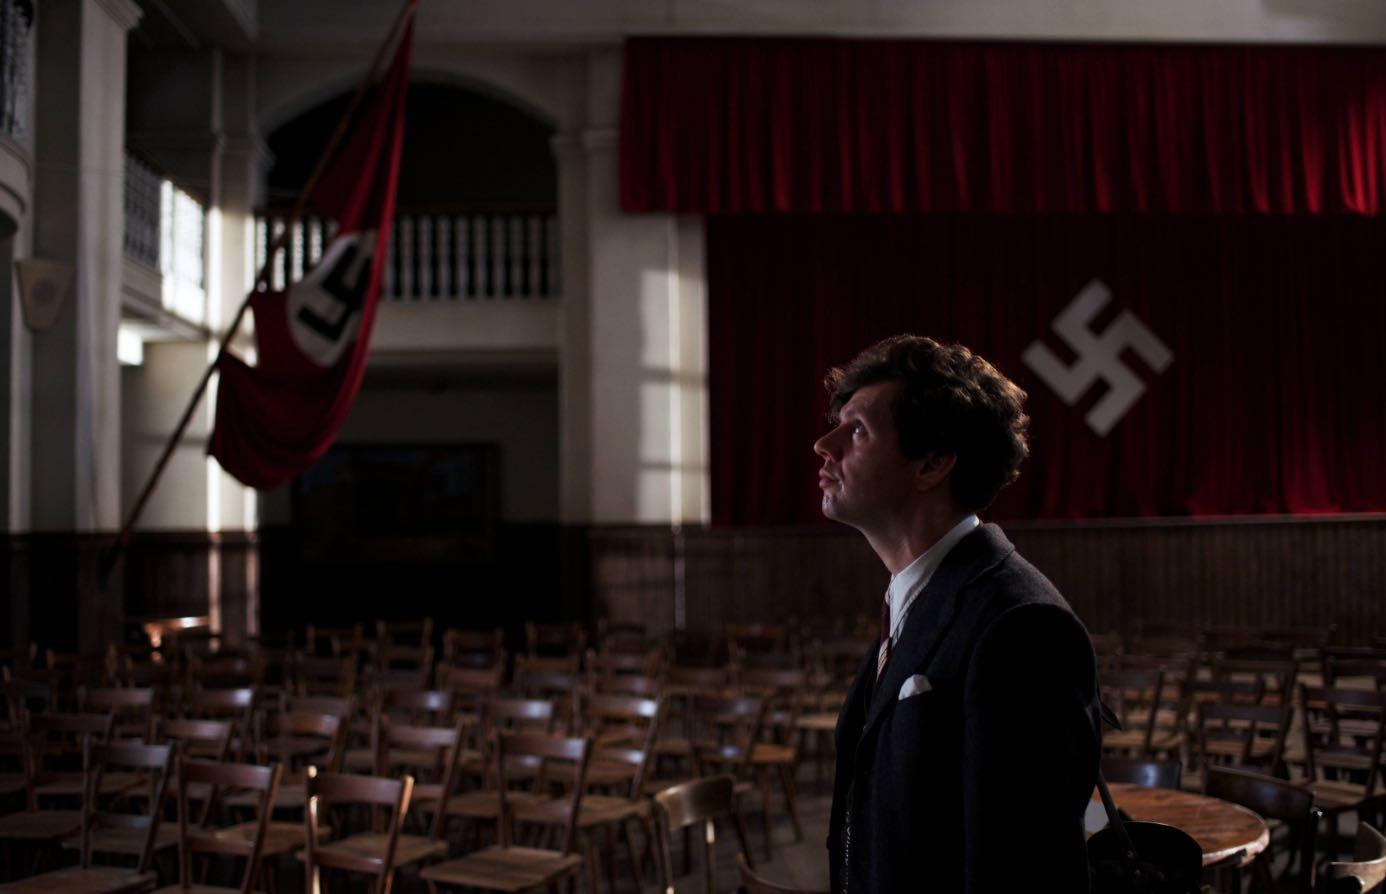 Elser Nazi Germany Hitler 13 Minutes